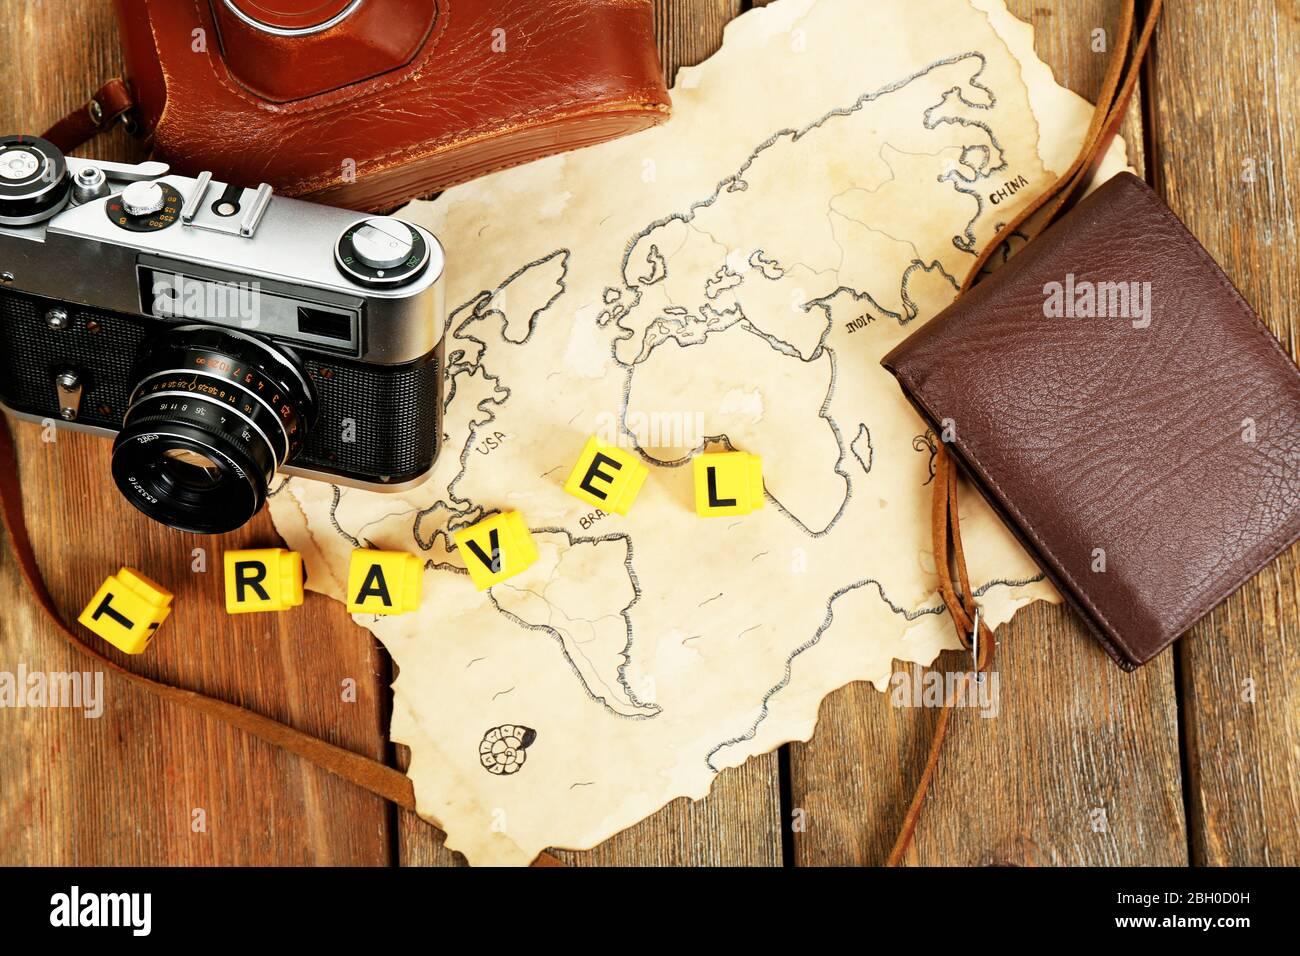 Cámara retro en mapa del mundo con palabra Viajes sobre fondo de mesa de madera Foto de stock